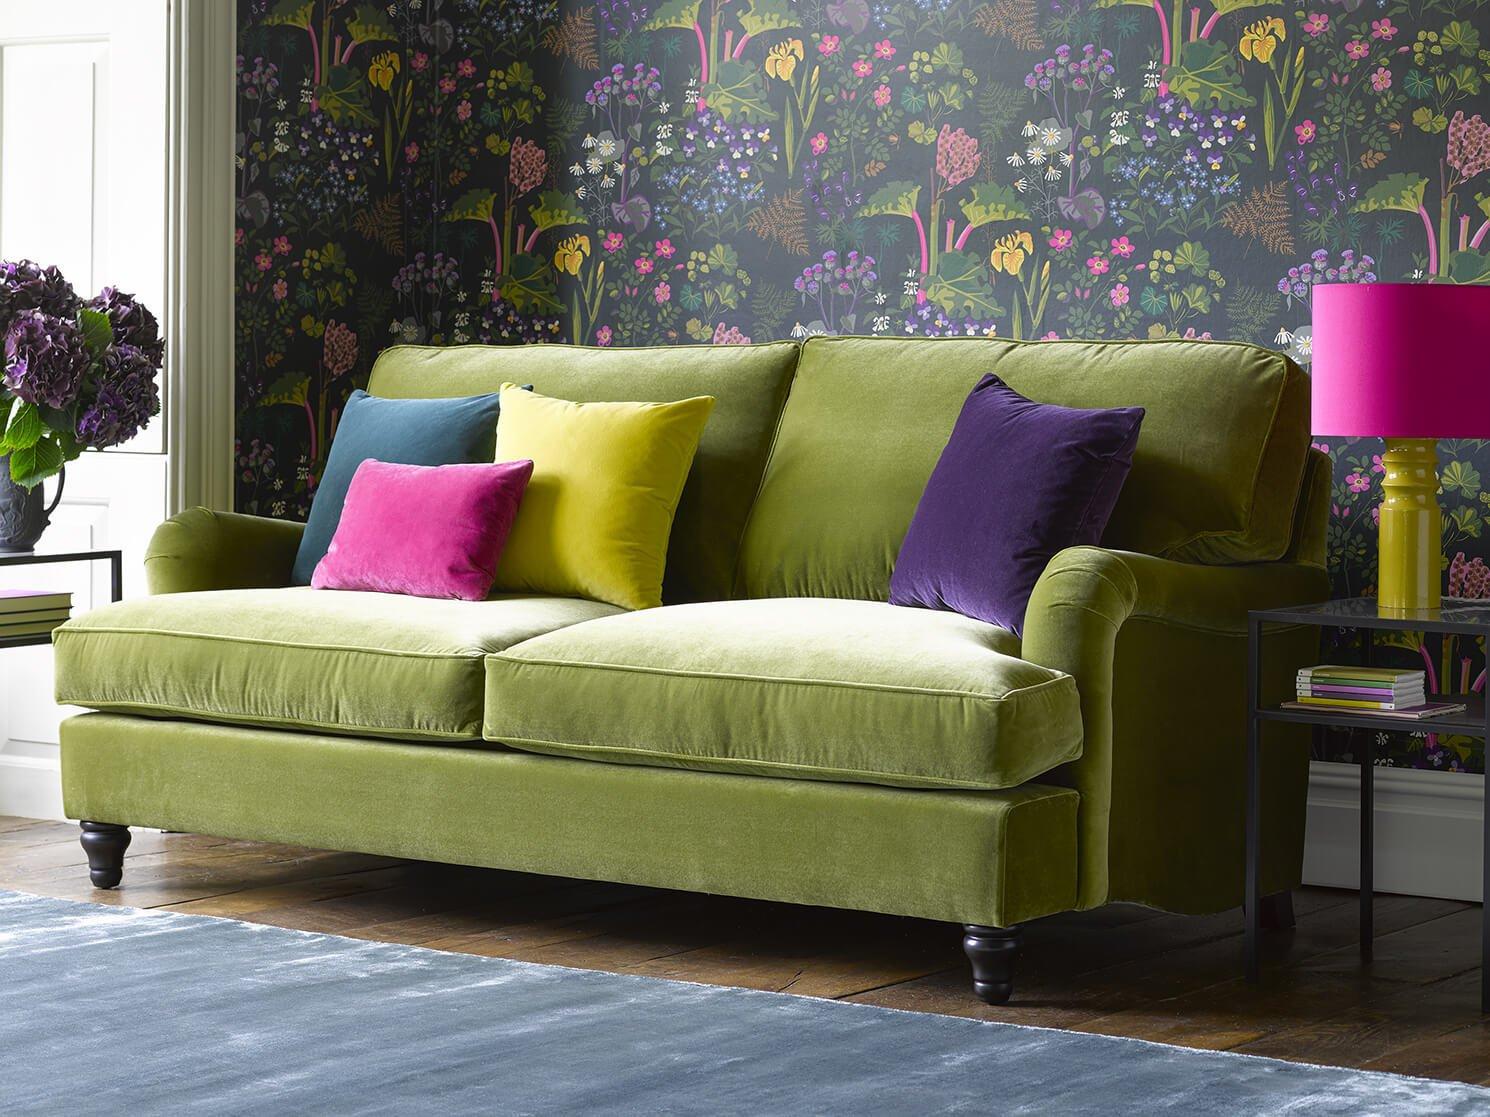 Для максимально эффективного использования небольшого пространства сделайте выбор в пользу диван-кровати или диван со встроенным местом для хранения.